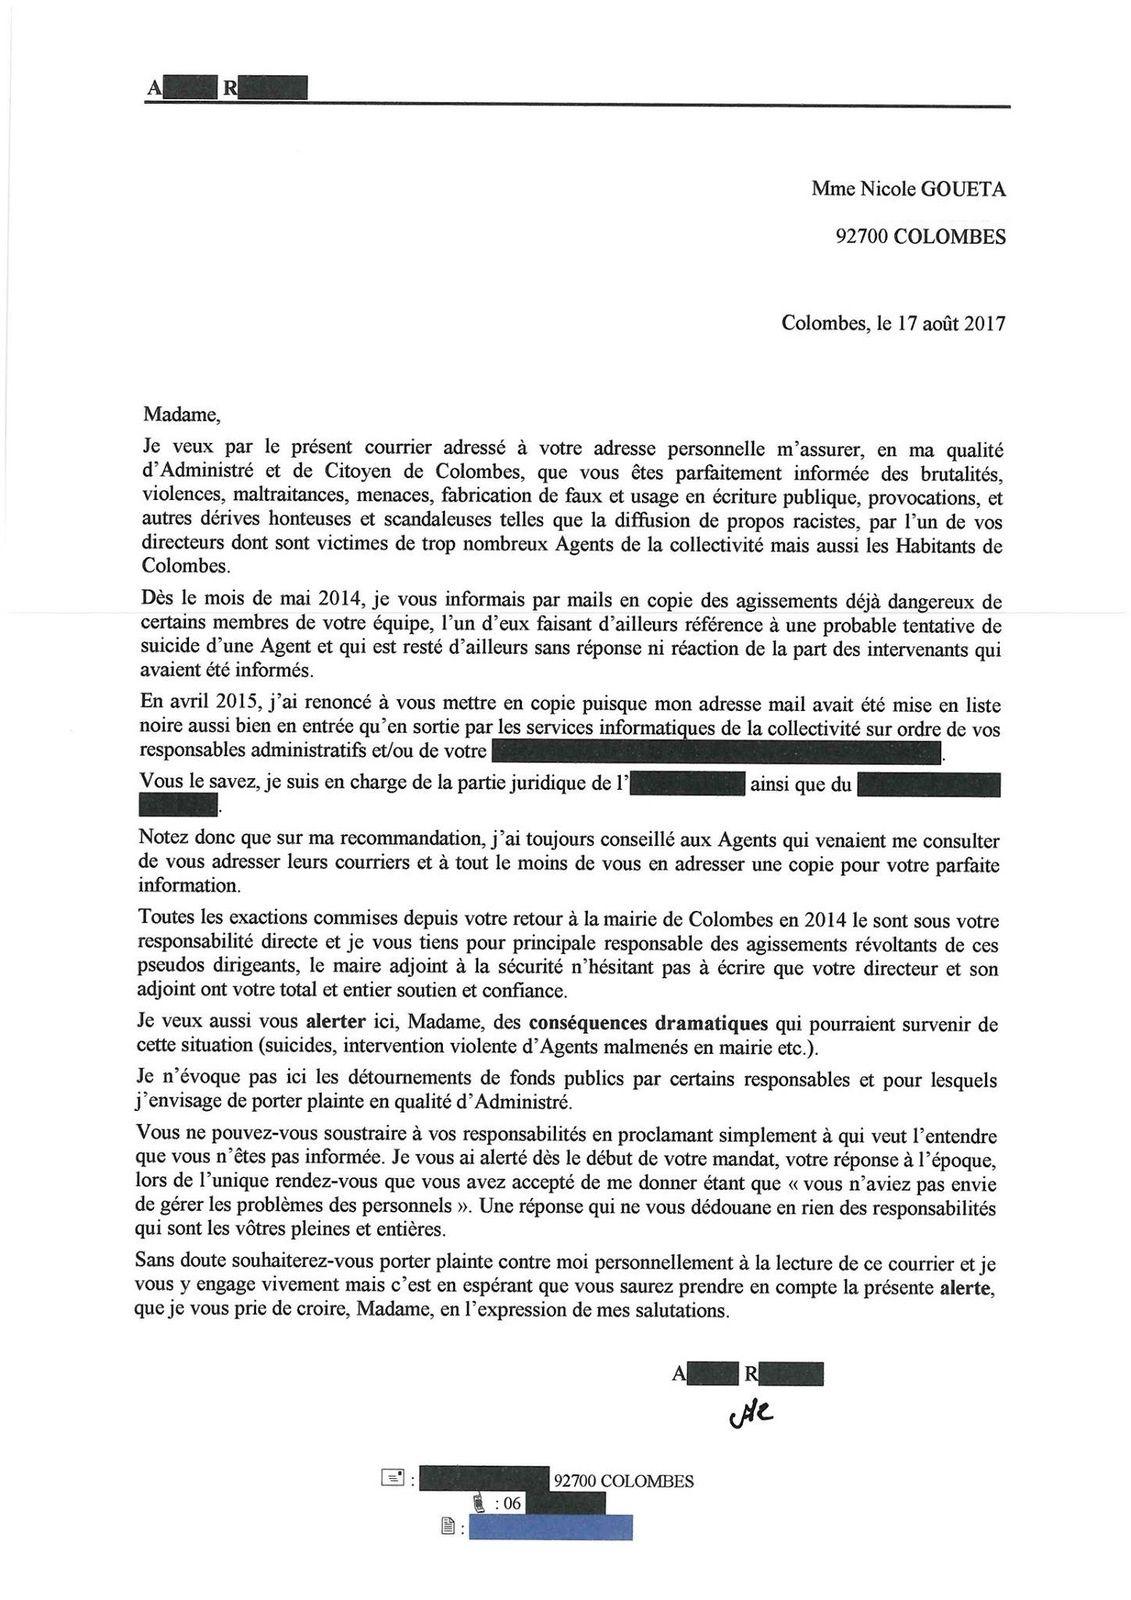 """Du rififi à la Mairie de Colombes : """"violences, maltraitances, menaces....dont sont victimes de trop nombreux agents de la collectivité"""""""